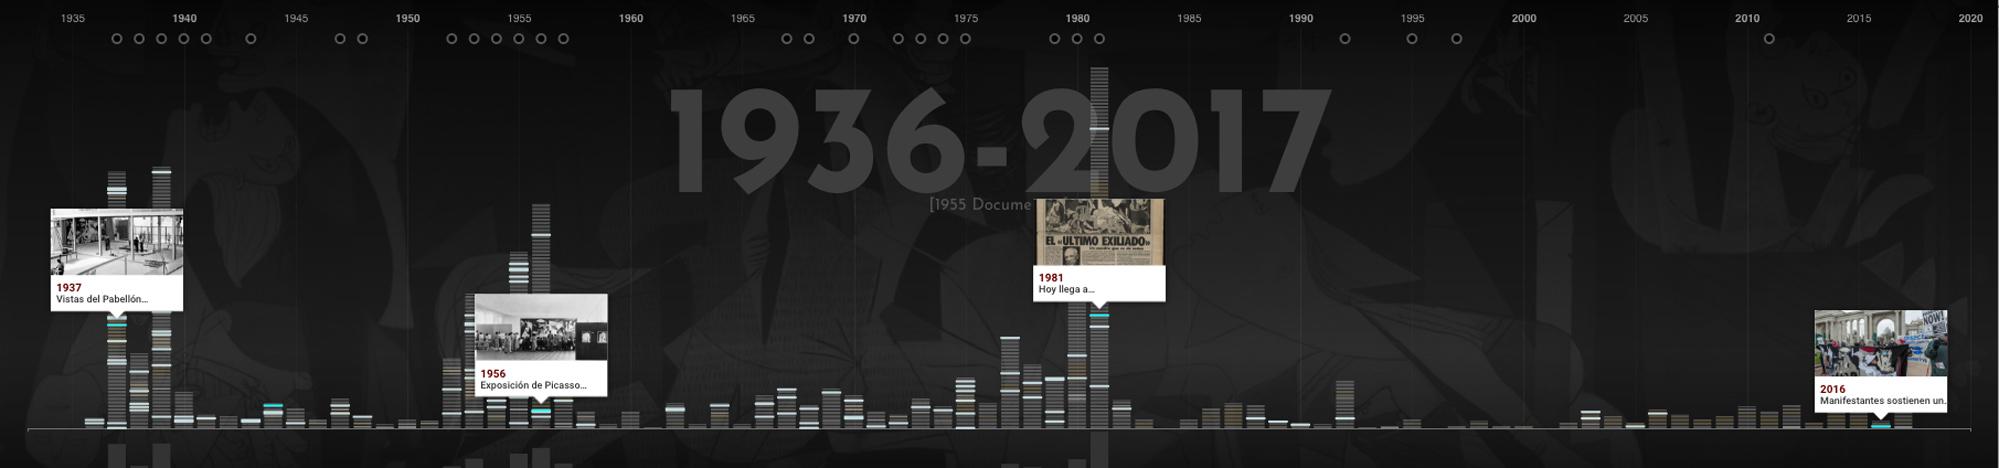 Cronología de RepensarGuernica